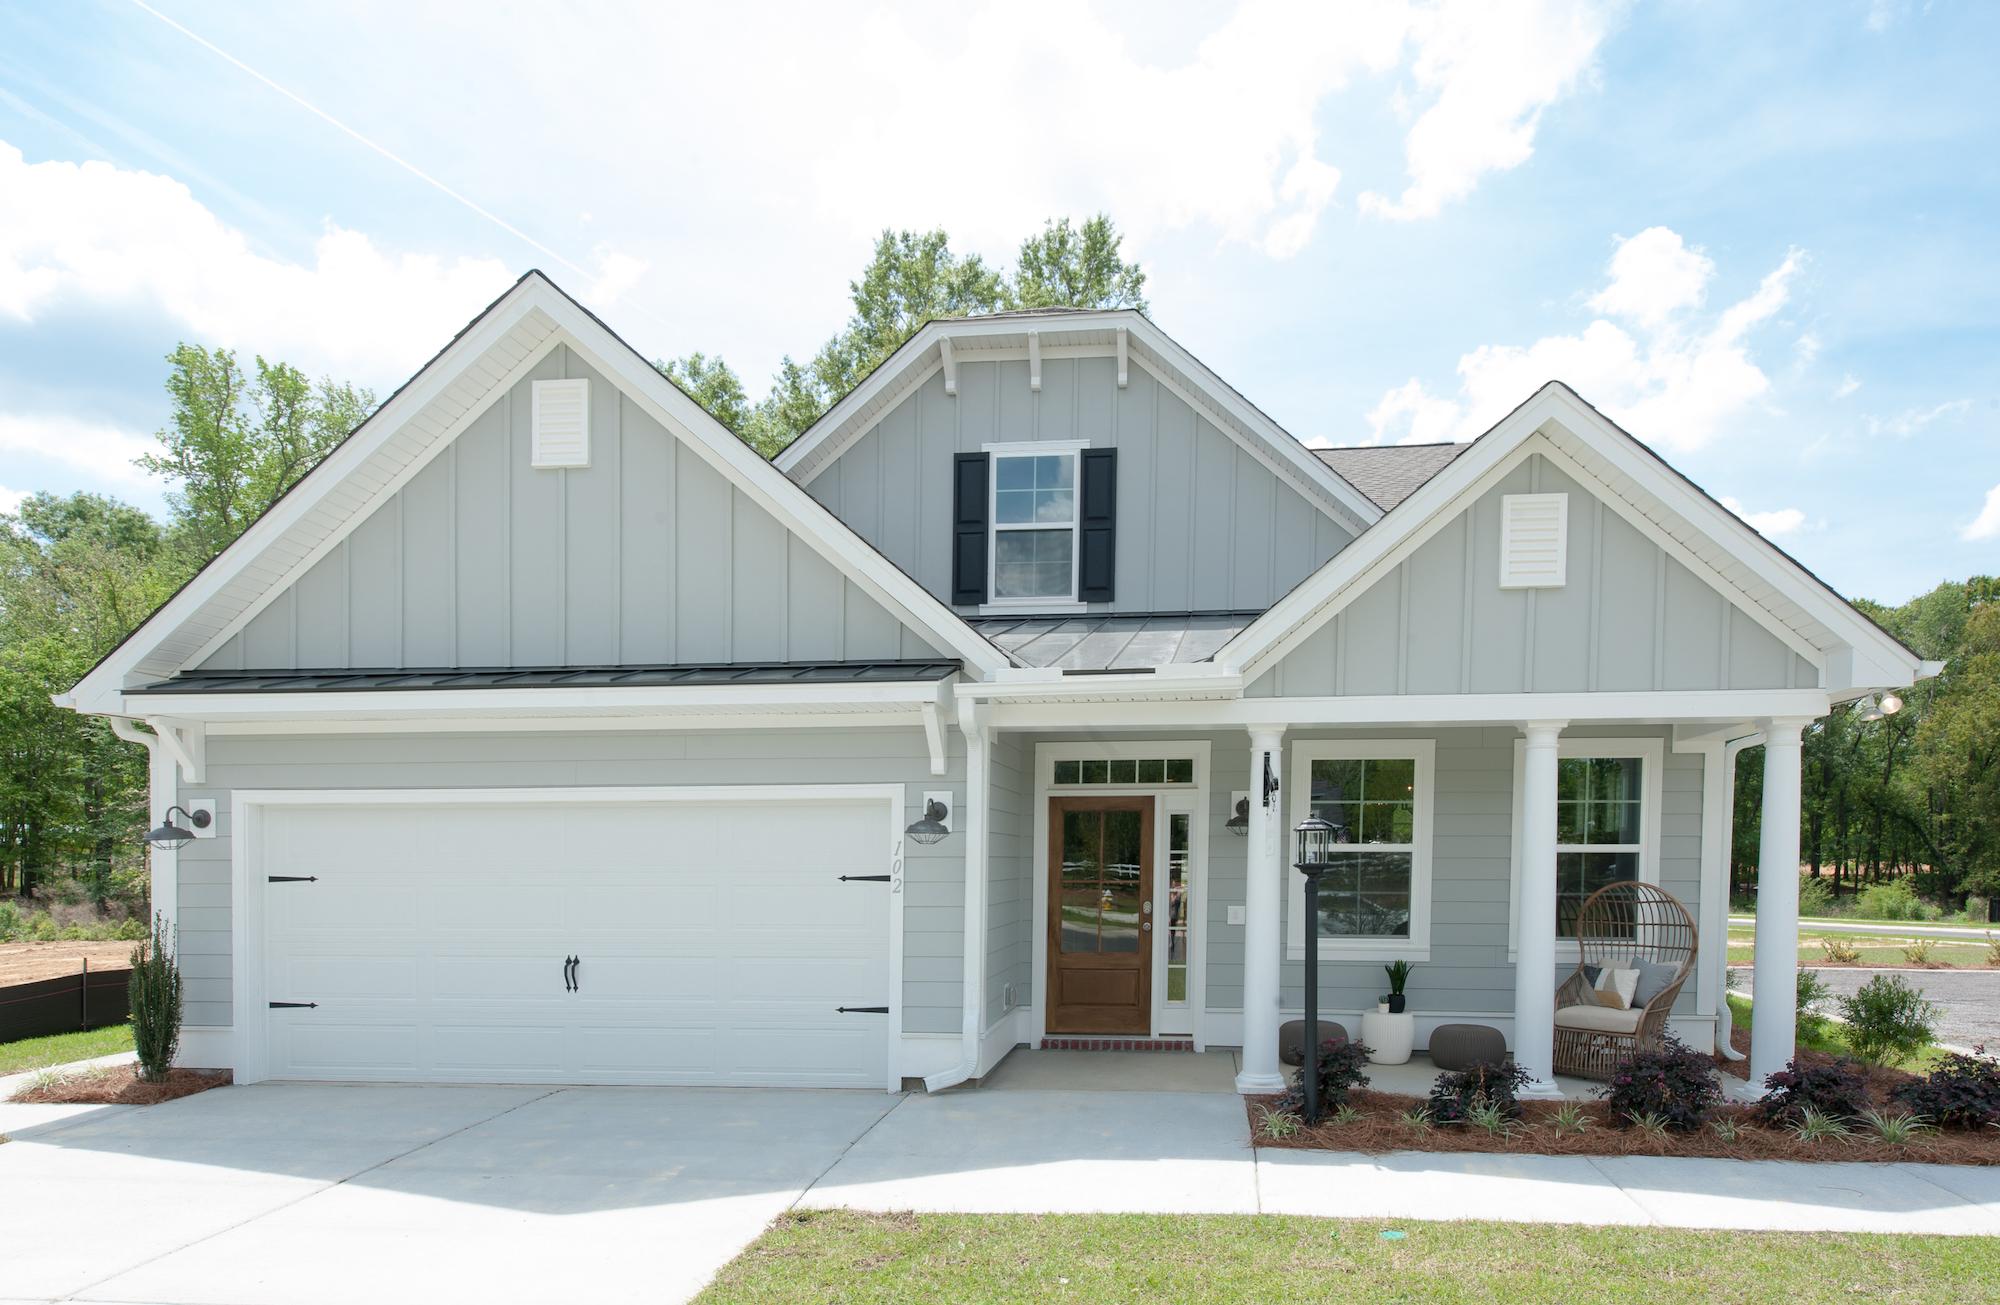 Crescent Homes Highland Park Summerville Model Home